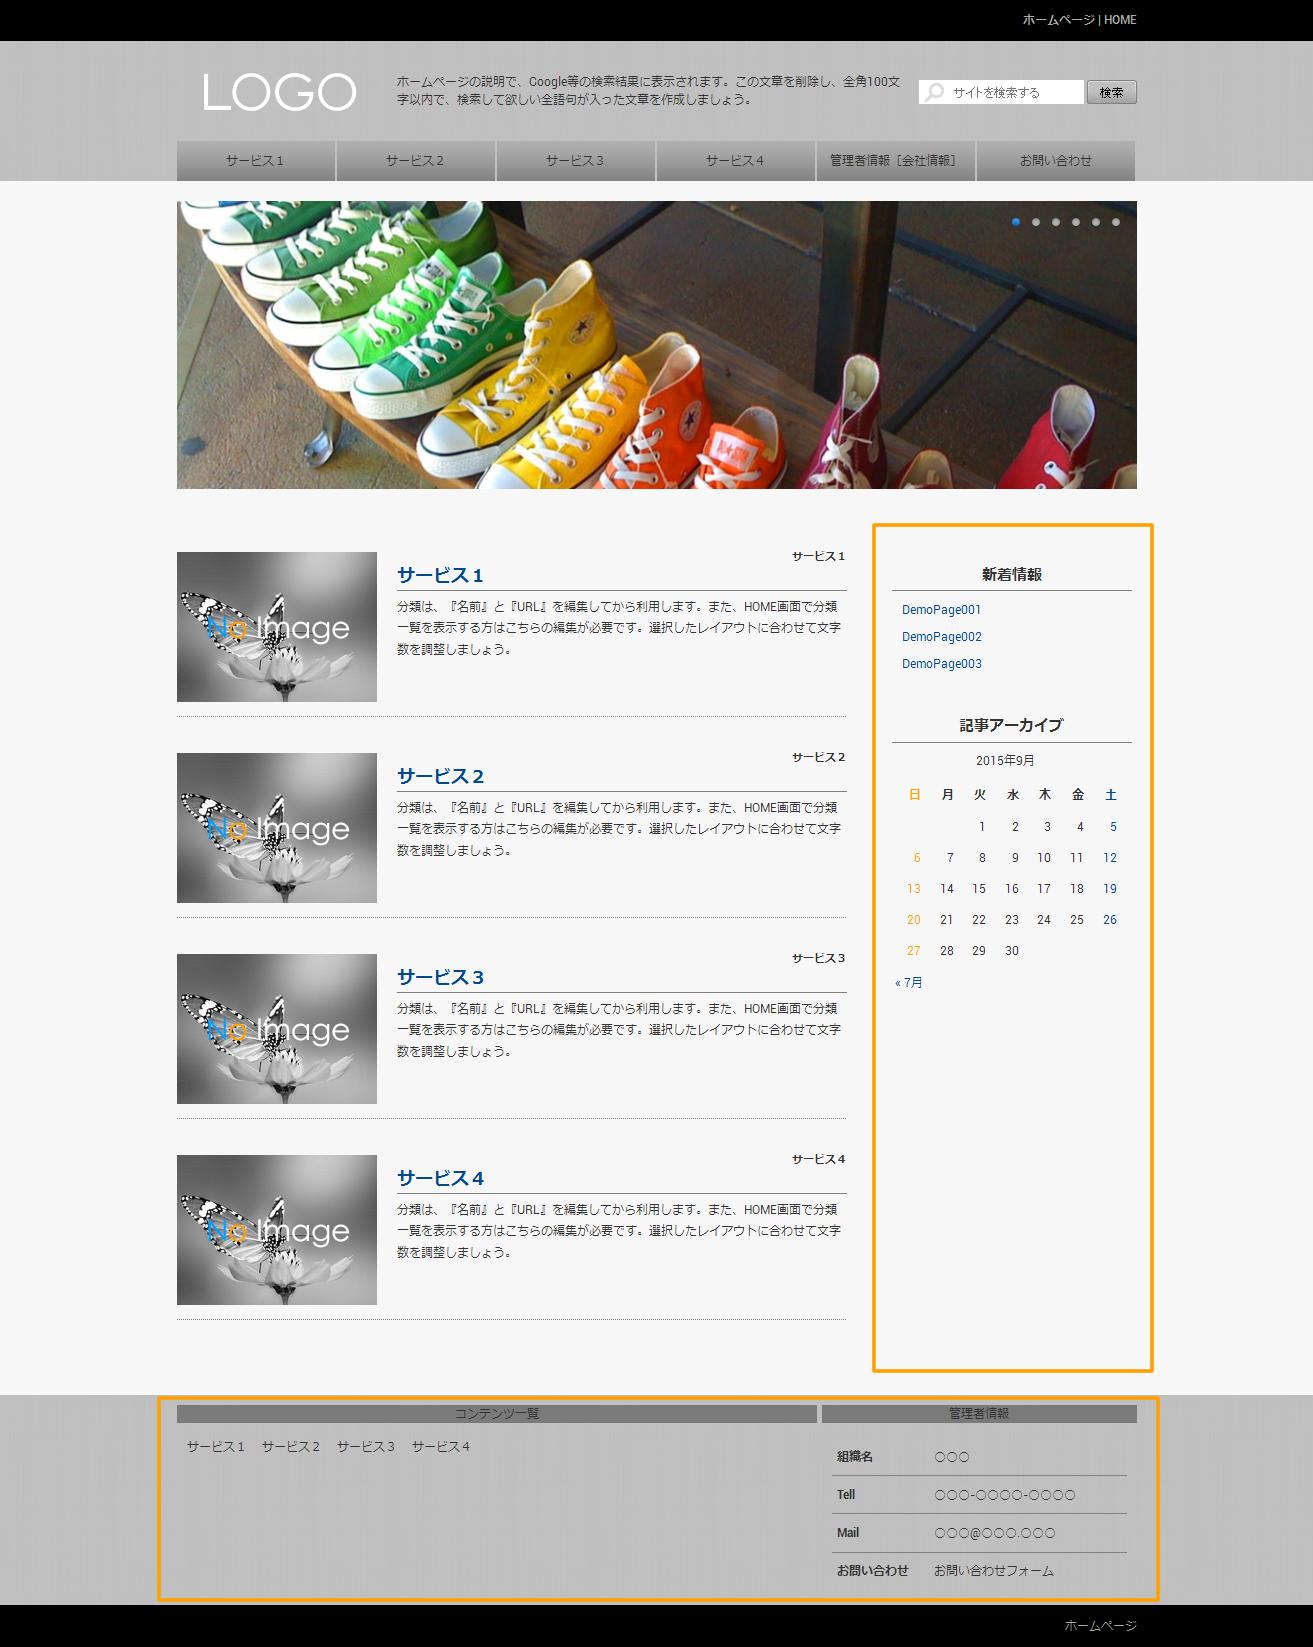 ホームページ 各種機能の追加 | 初期費用無料ホームページ作成サイト - FunMaker